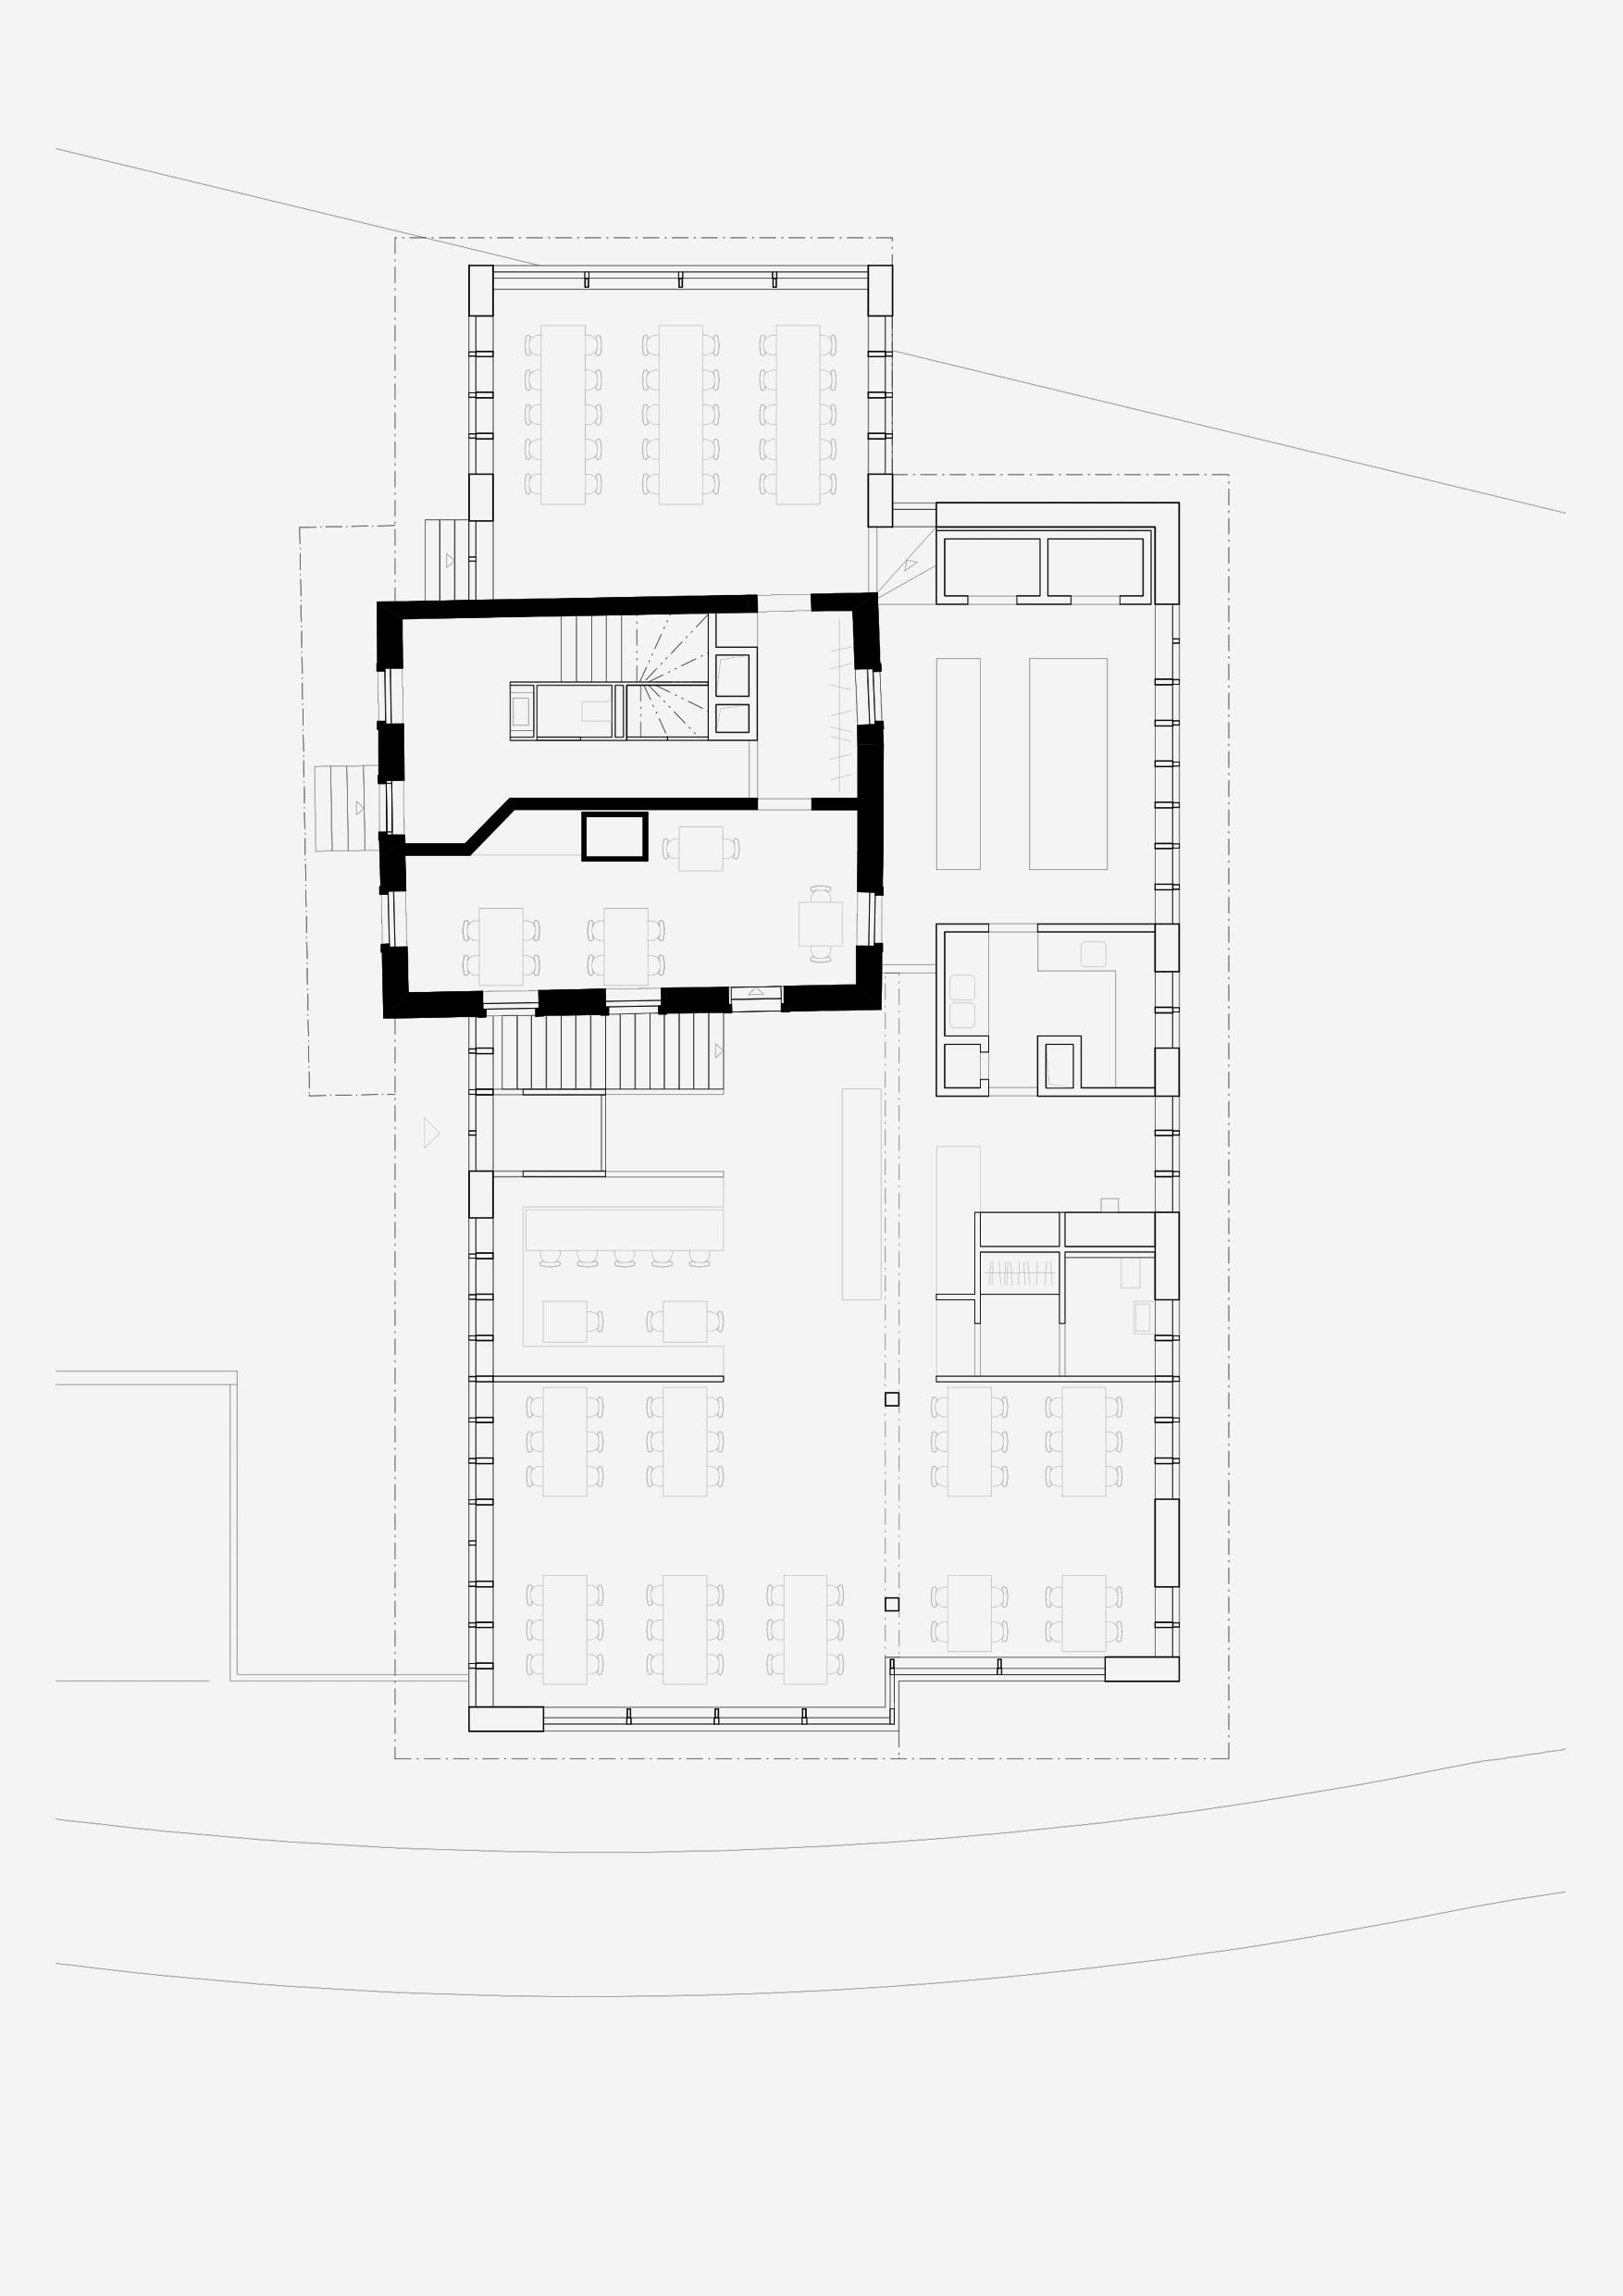 Sanierung Bergrestaurant Lägern Hochwacht: Grundriss Gastraum